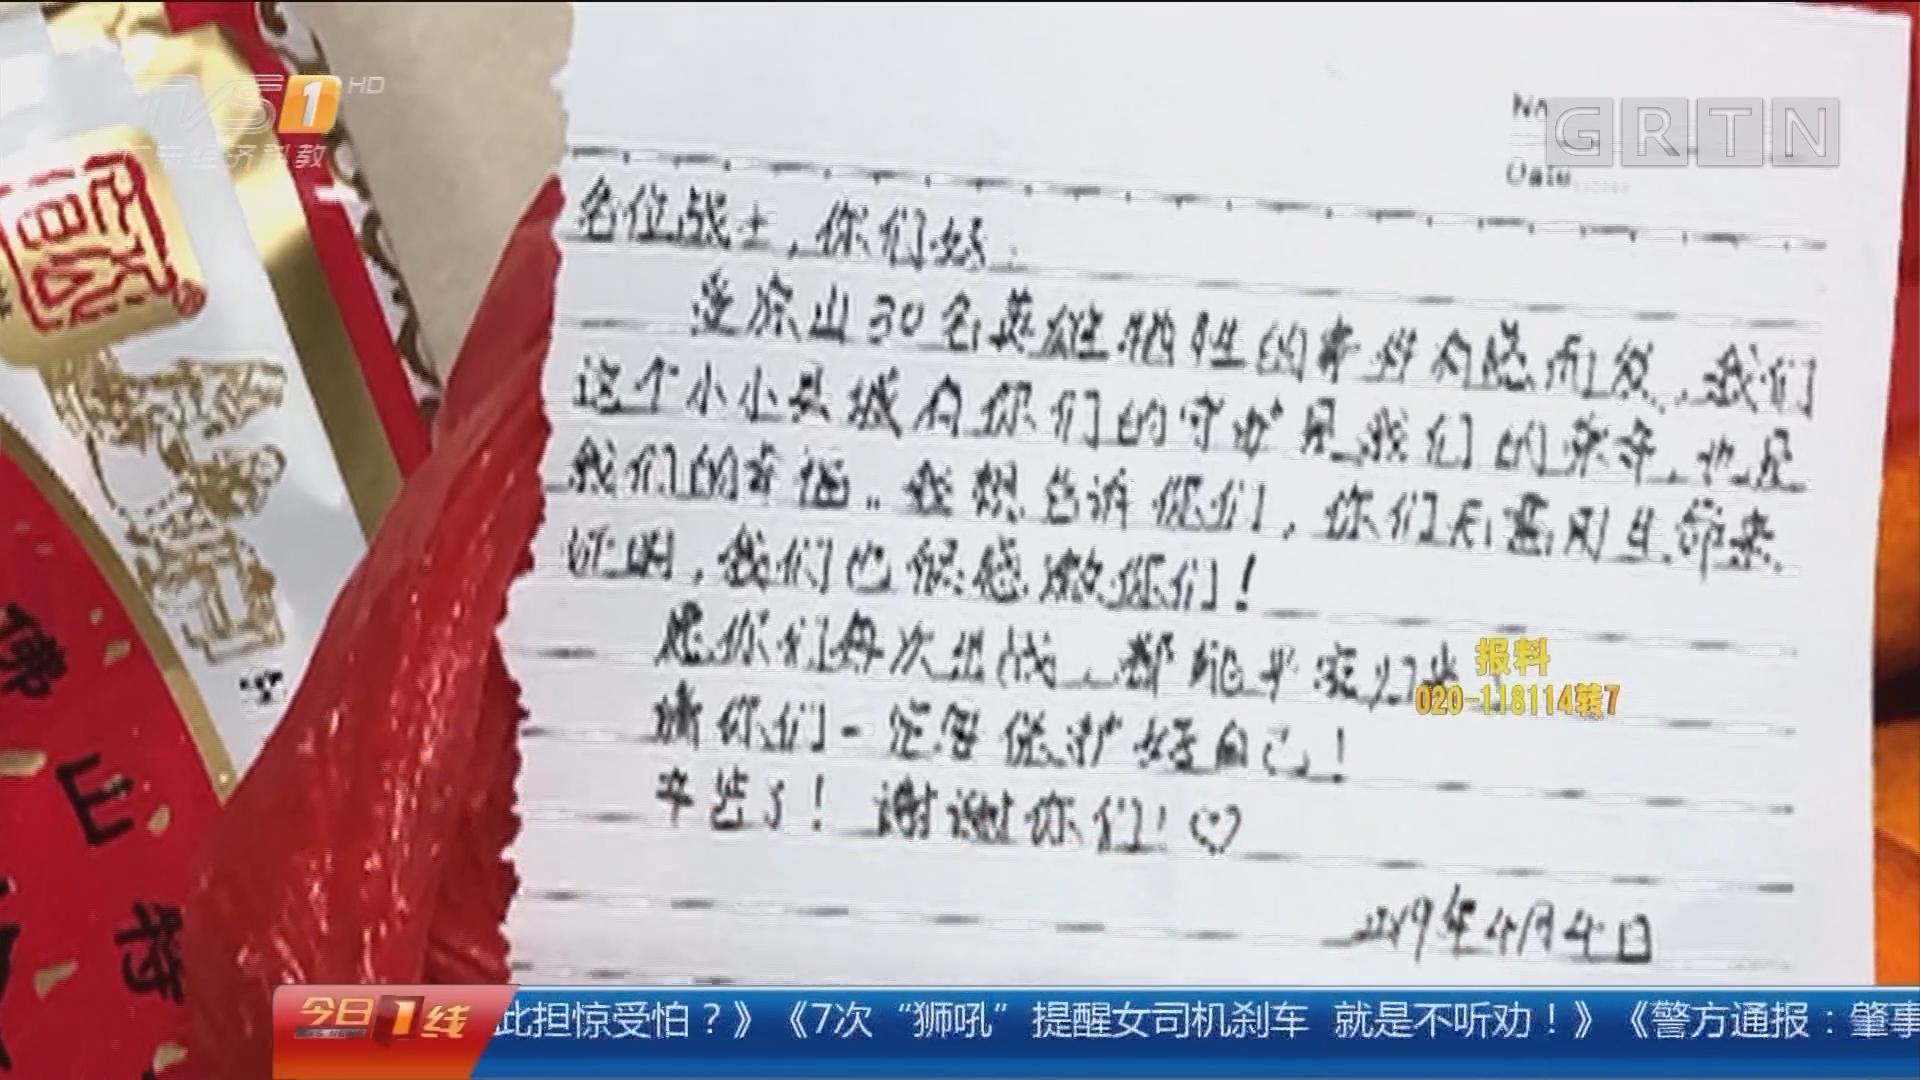 肇庆四会:消防员收到陌生祝福 小小纸条很暖心